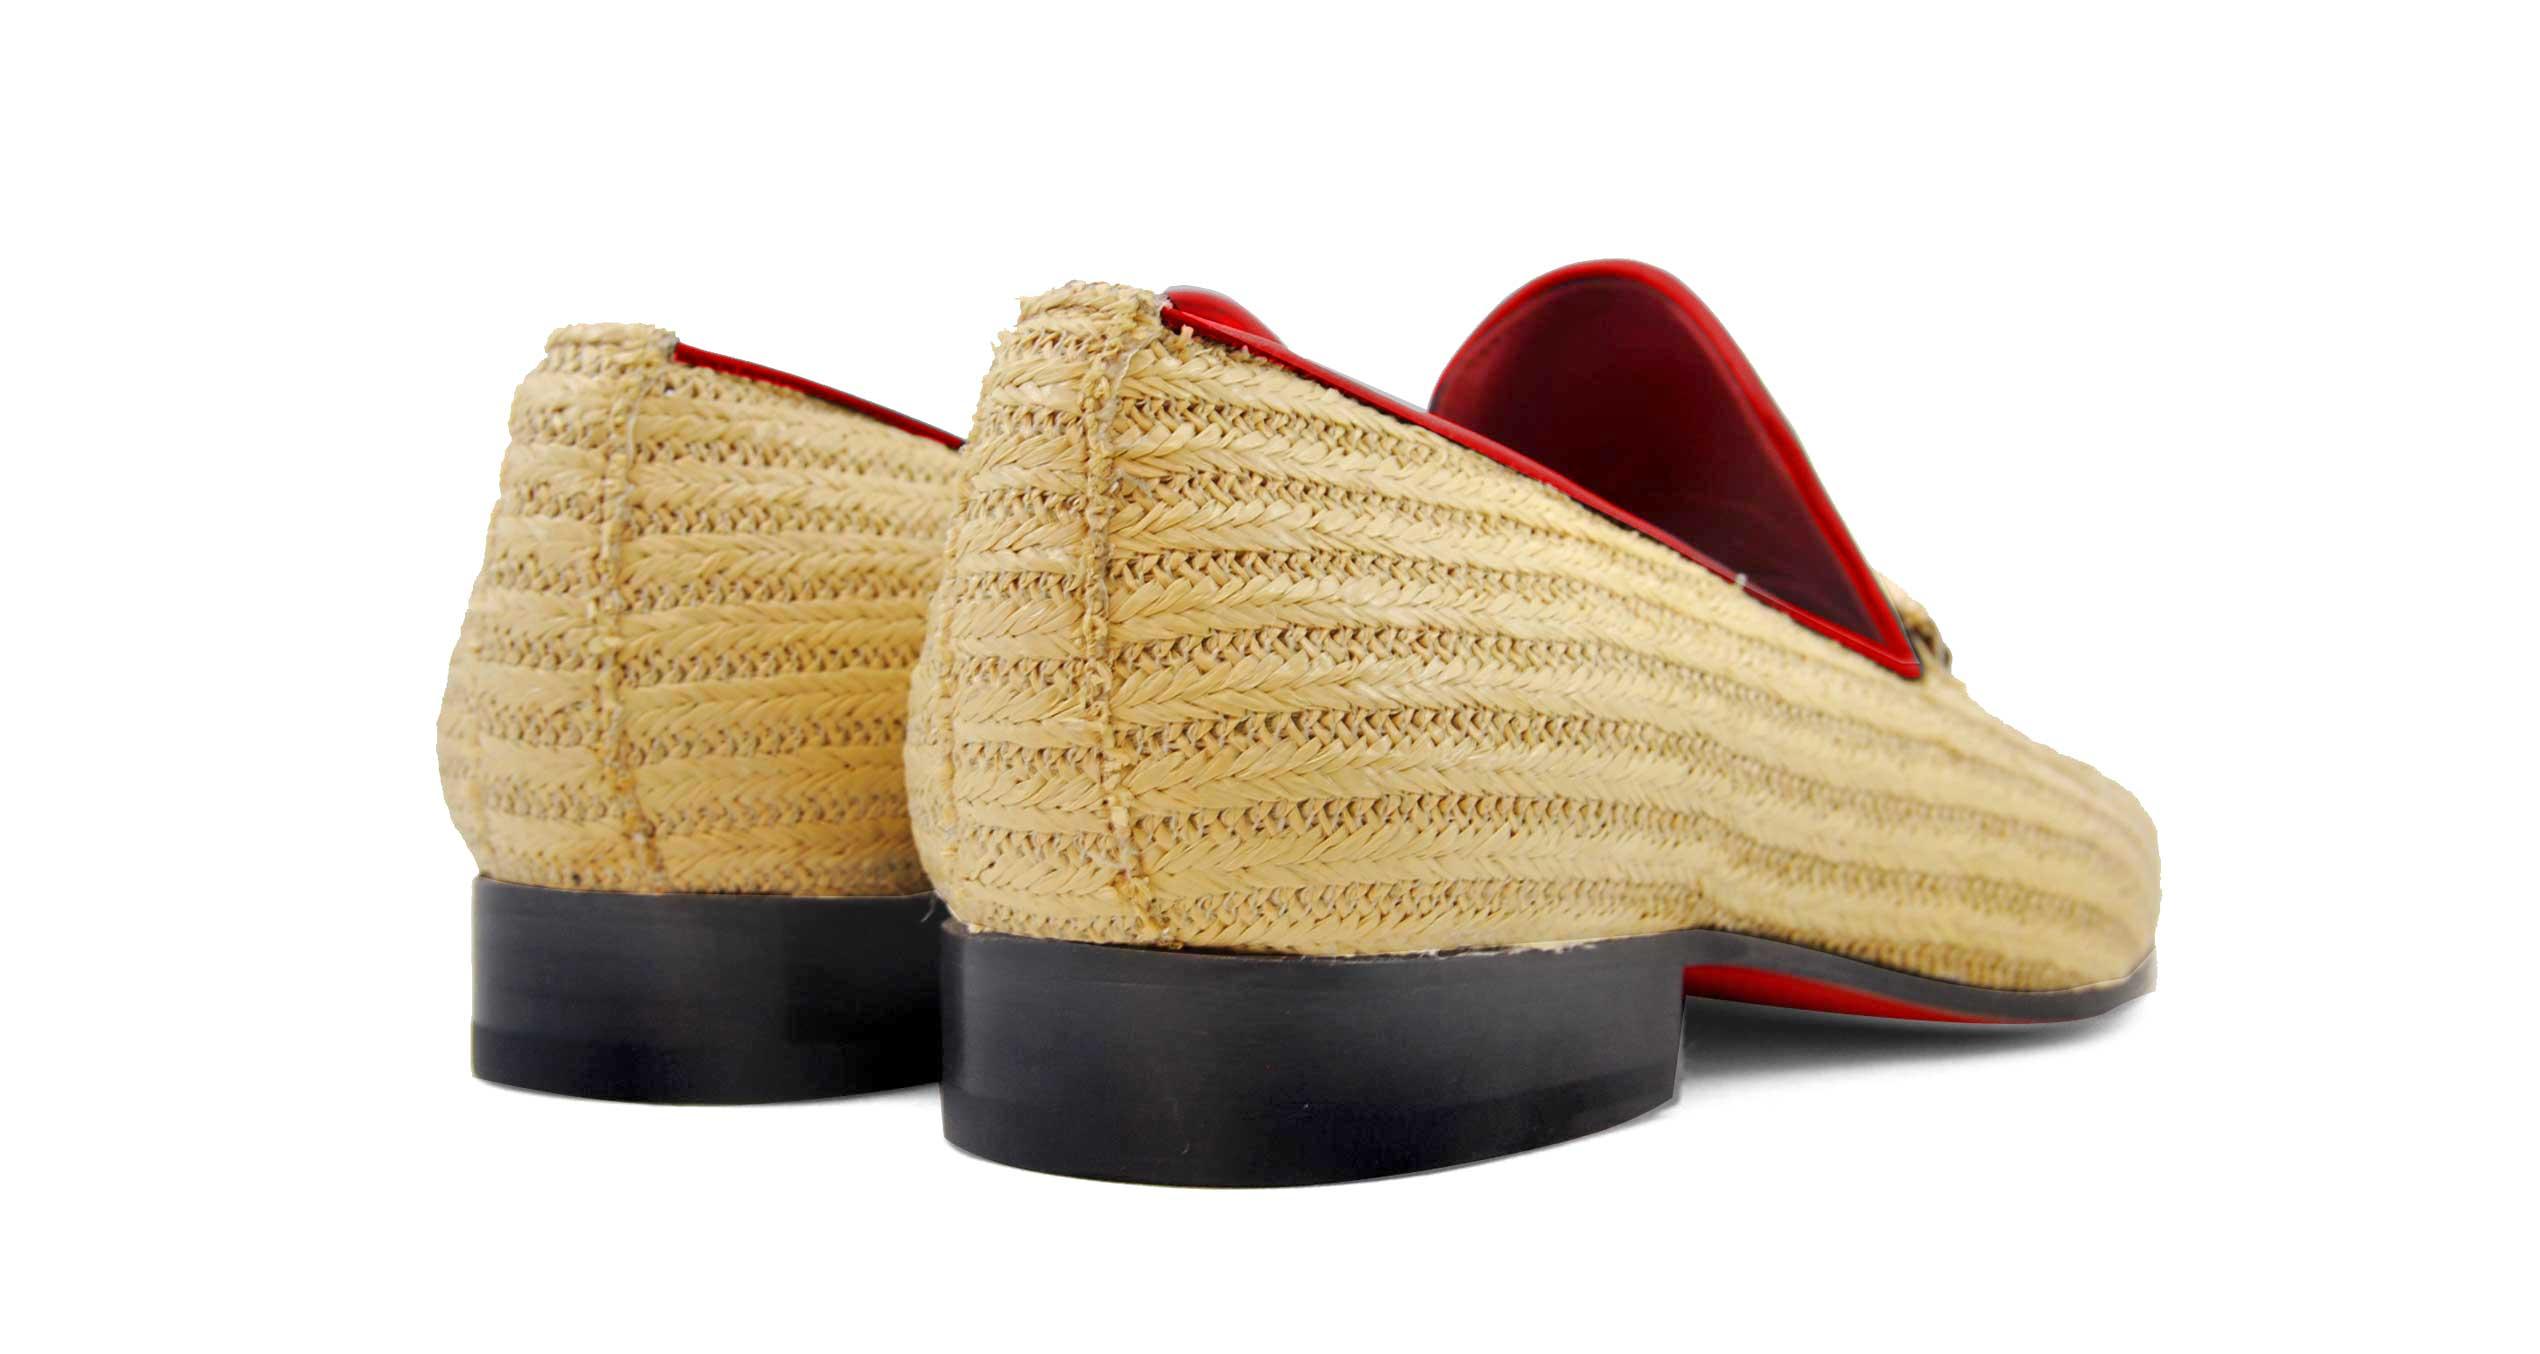 Foto 3 de Zapatos Palma Panameña Con Ribete Rojo